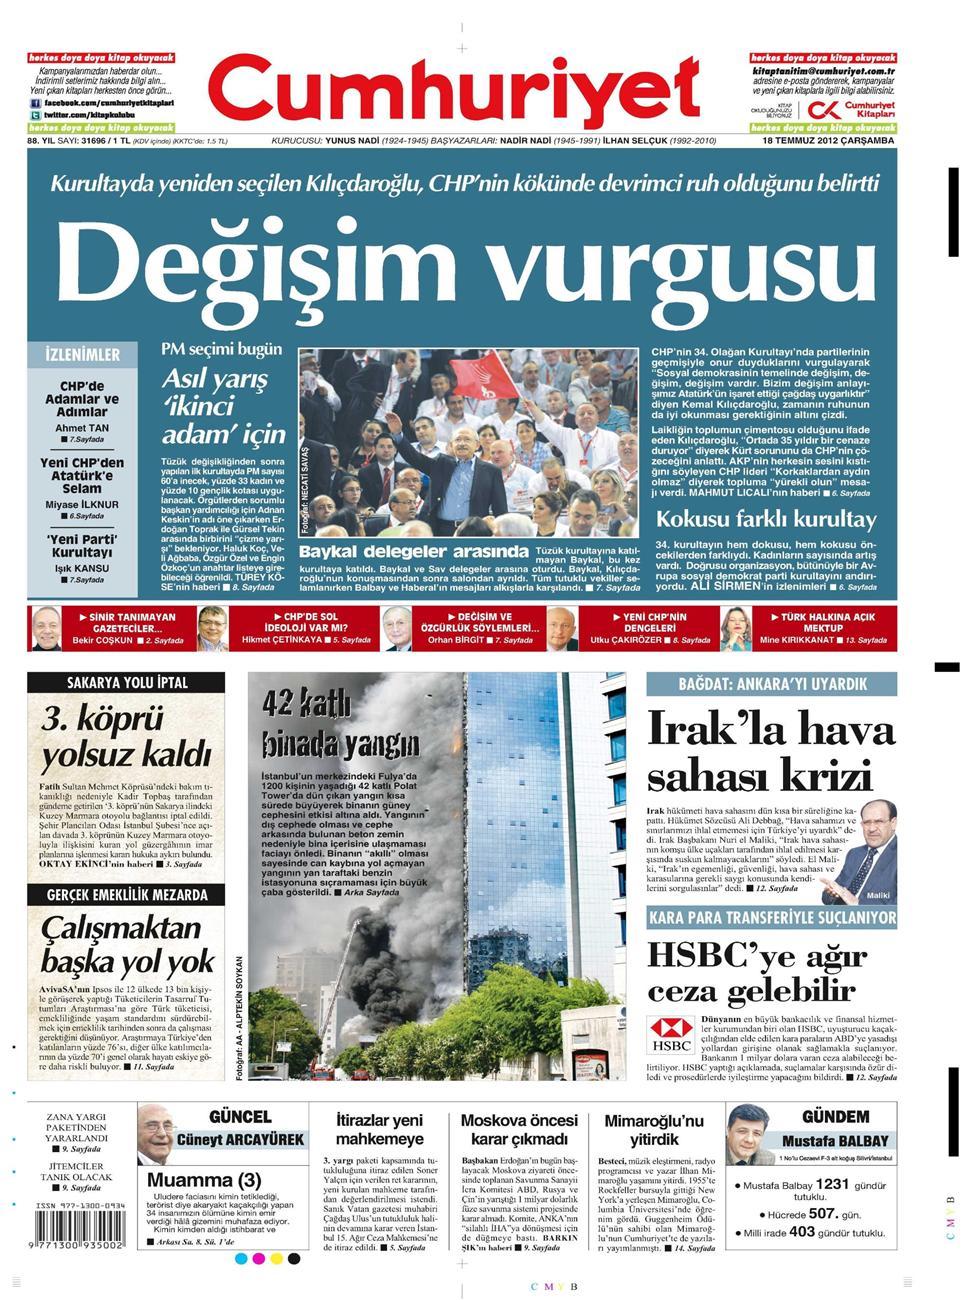 Gazete Manşetleri - 18 Temmuz 2012 4